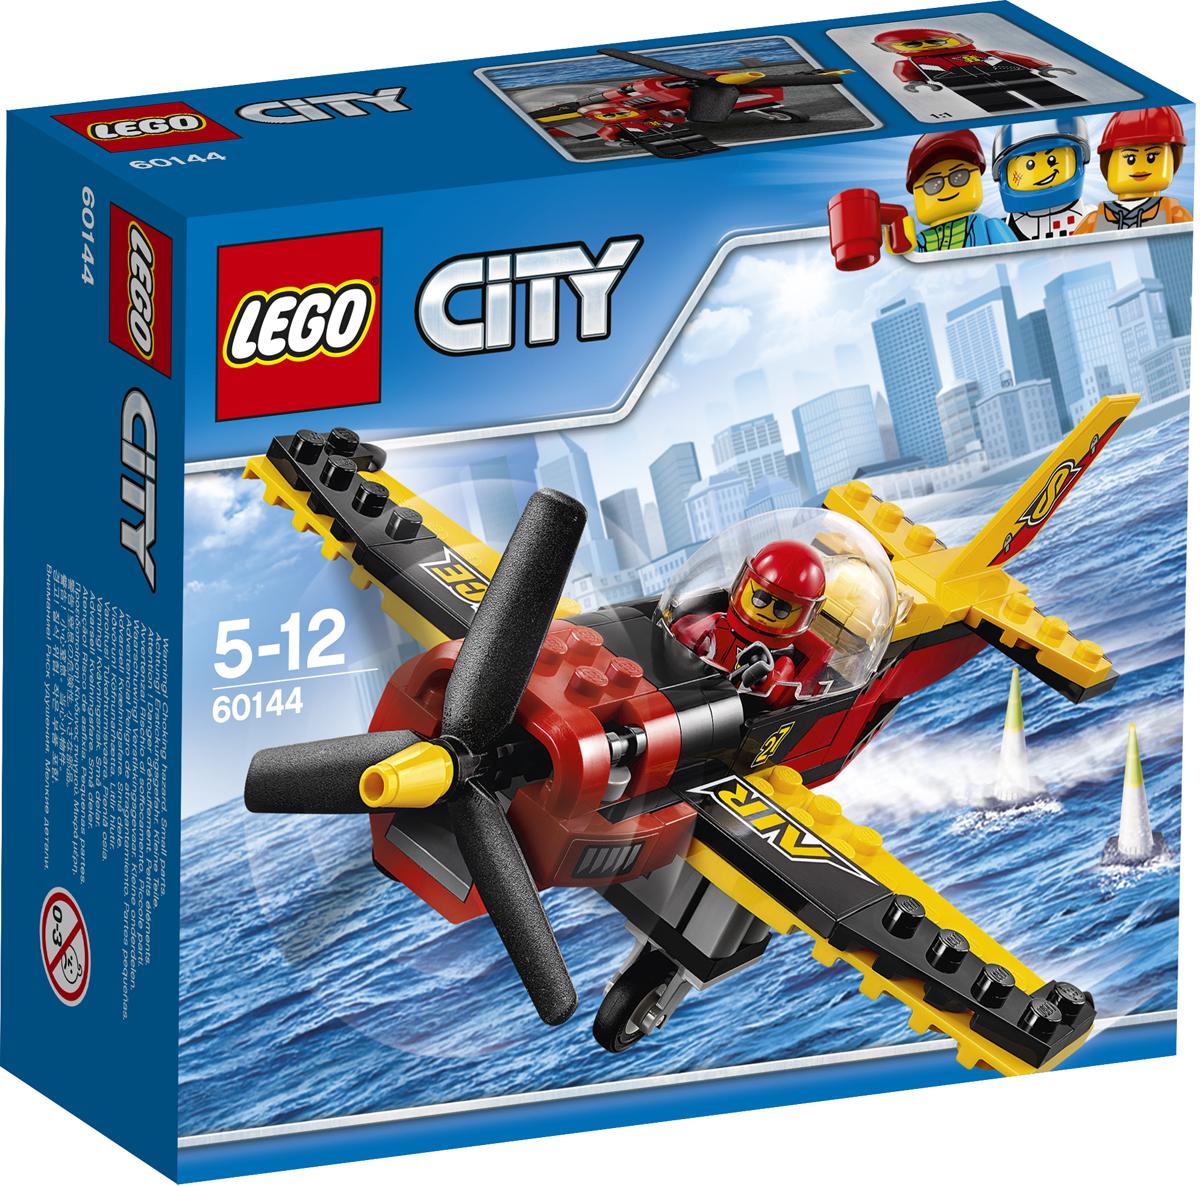 LEGO City Конструктор Гоночный самолет 6014460144Садитесь в кресло пилота удивительного гоночного самолета и приготовьтесь устроить увлекательное шоу в воздухе. Раскручивайте винт и отправляйтесь на взлетную полосу. А потом взлетайте в небо и показывайте самые крутые трюки! Набор включает в себя 89 разноцветных пластиковых элементов. Конструктор - это один из самых увлекательных и веселых способов времяпрепровождения. Ребенок сможет часами играть с конструктором, придумывая различные ситуации и истории.